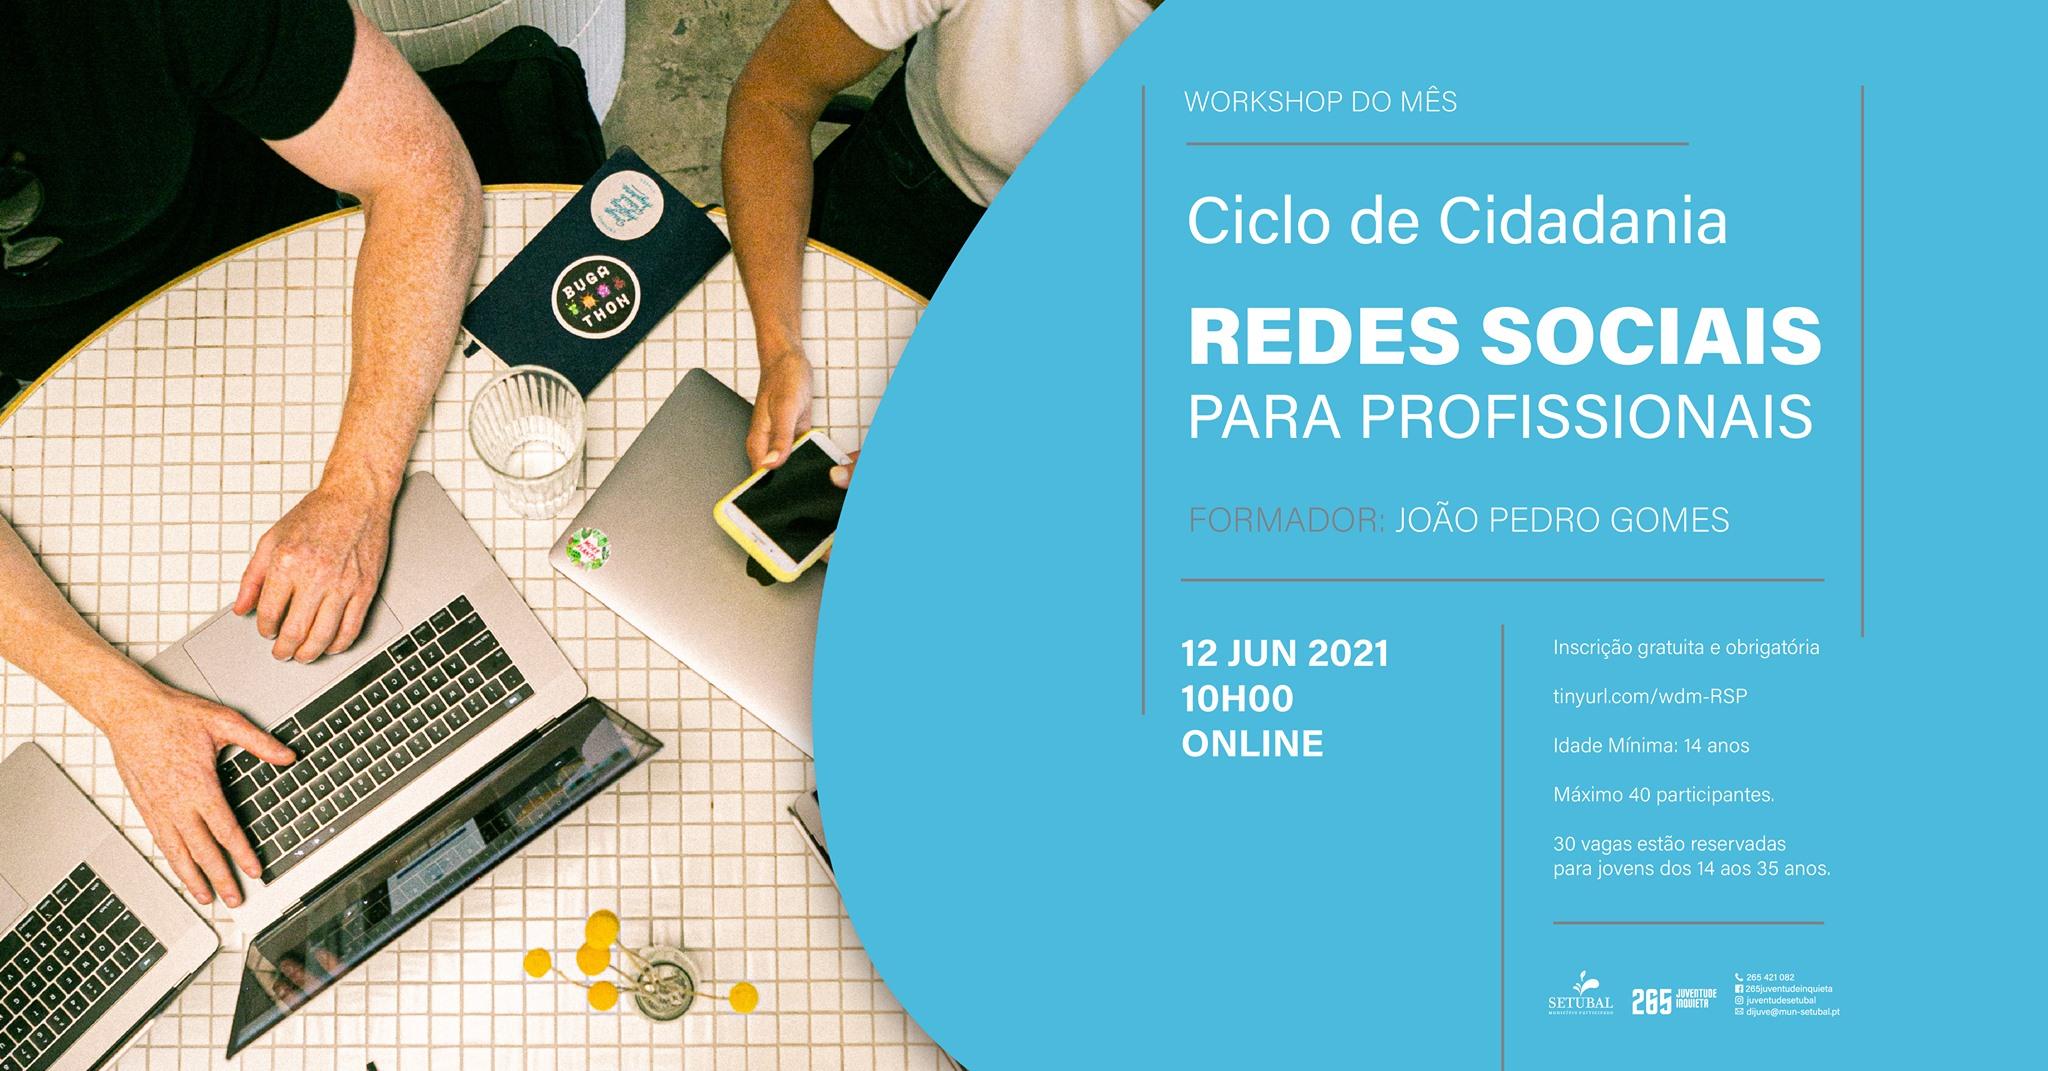 Workshop: Redes Sociais Profissionais